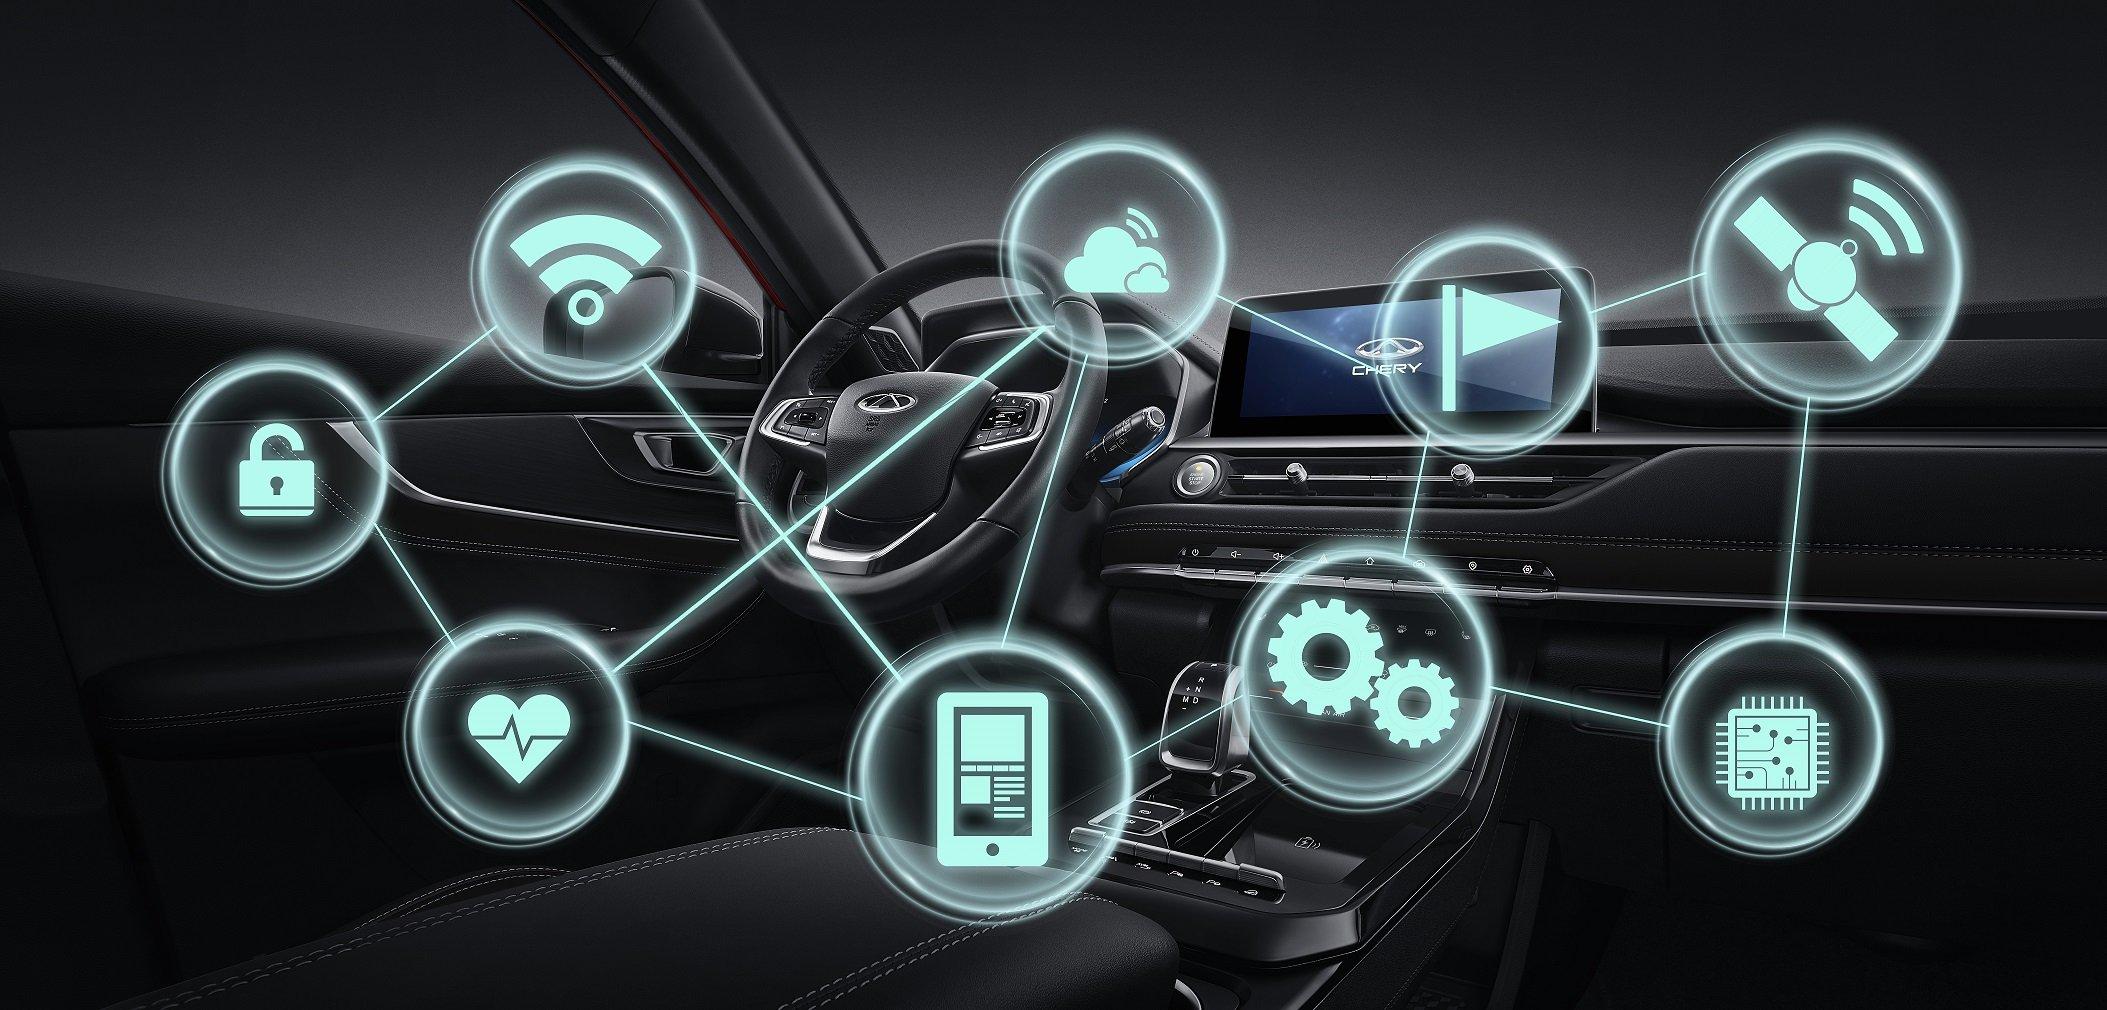 Chery и Huawei начнут совместную разработку беспилотных машин